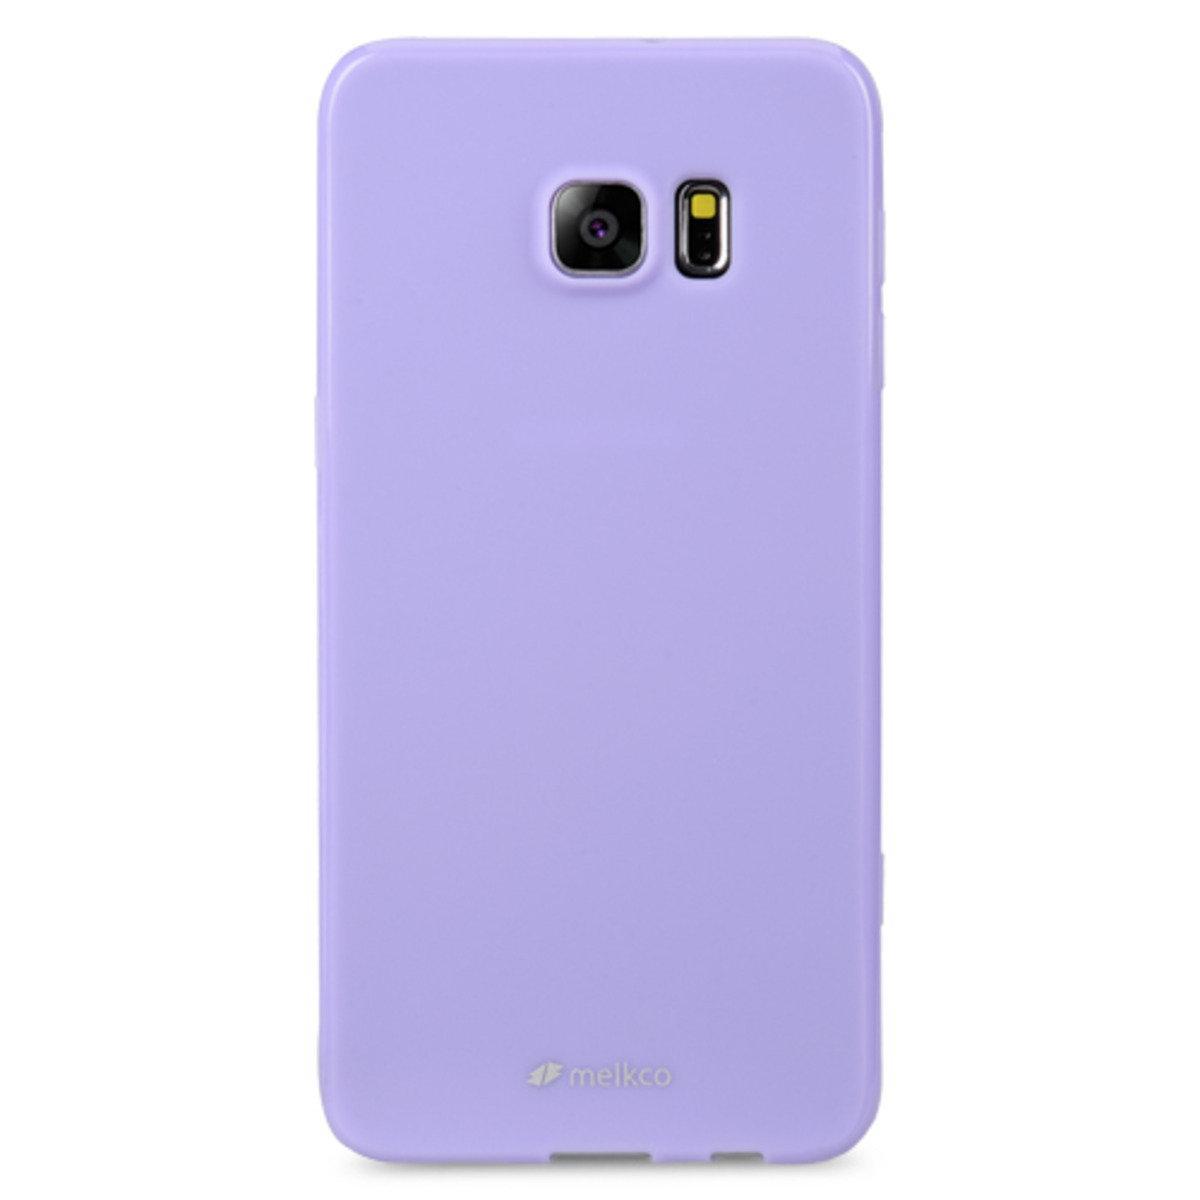 Galaxy S6 Edge Plus Poly Jacket手機保護殼 - 珍珠紫色(附送屏幕保護貼)